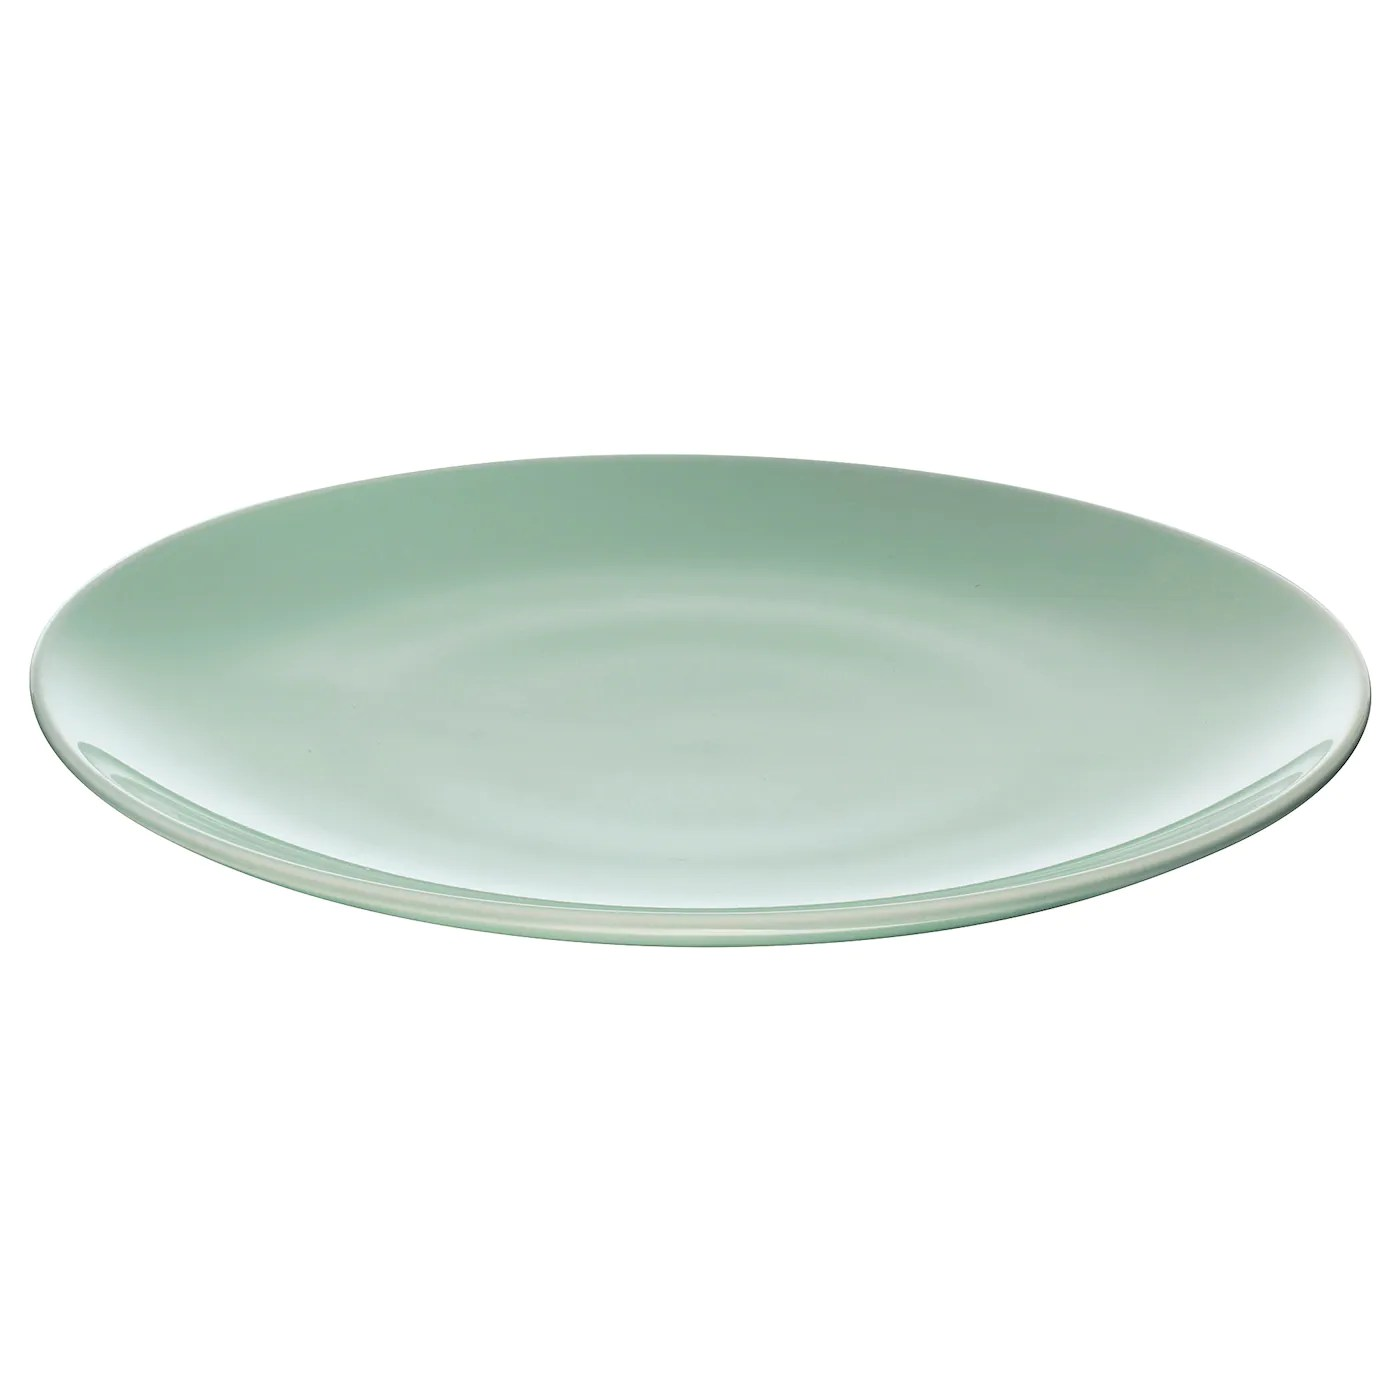 assiettes service assiette ikea